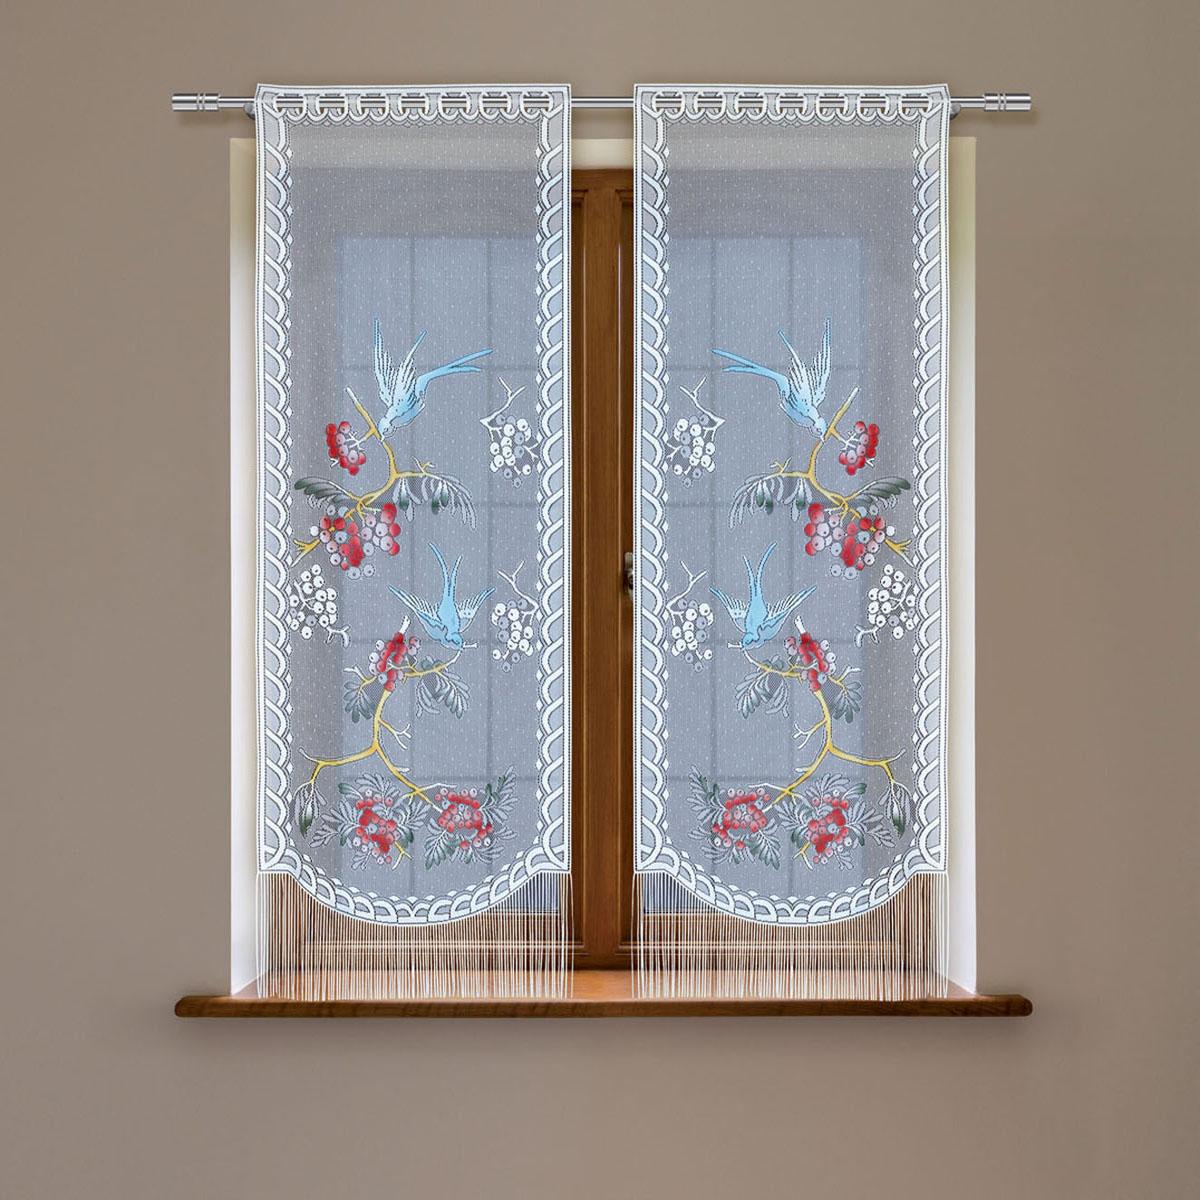 Гардина Haft, цвет: белый, высота 220 см. 5383Е/605383Е/60Гардина имеет в верхней части полотна прорези, через которые гардина-витраж вывешивается на карниз или можно крепить на зажим для штор,котрый в комплект не входит.Комплект состоит из двух полотен (выс.220* шир.60) Размеры: (высота 220* ширина 60)*2